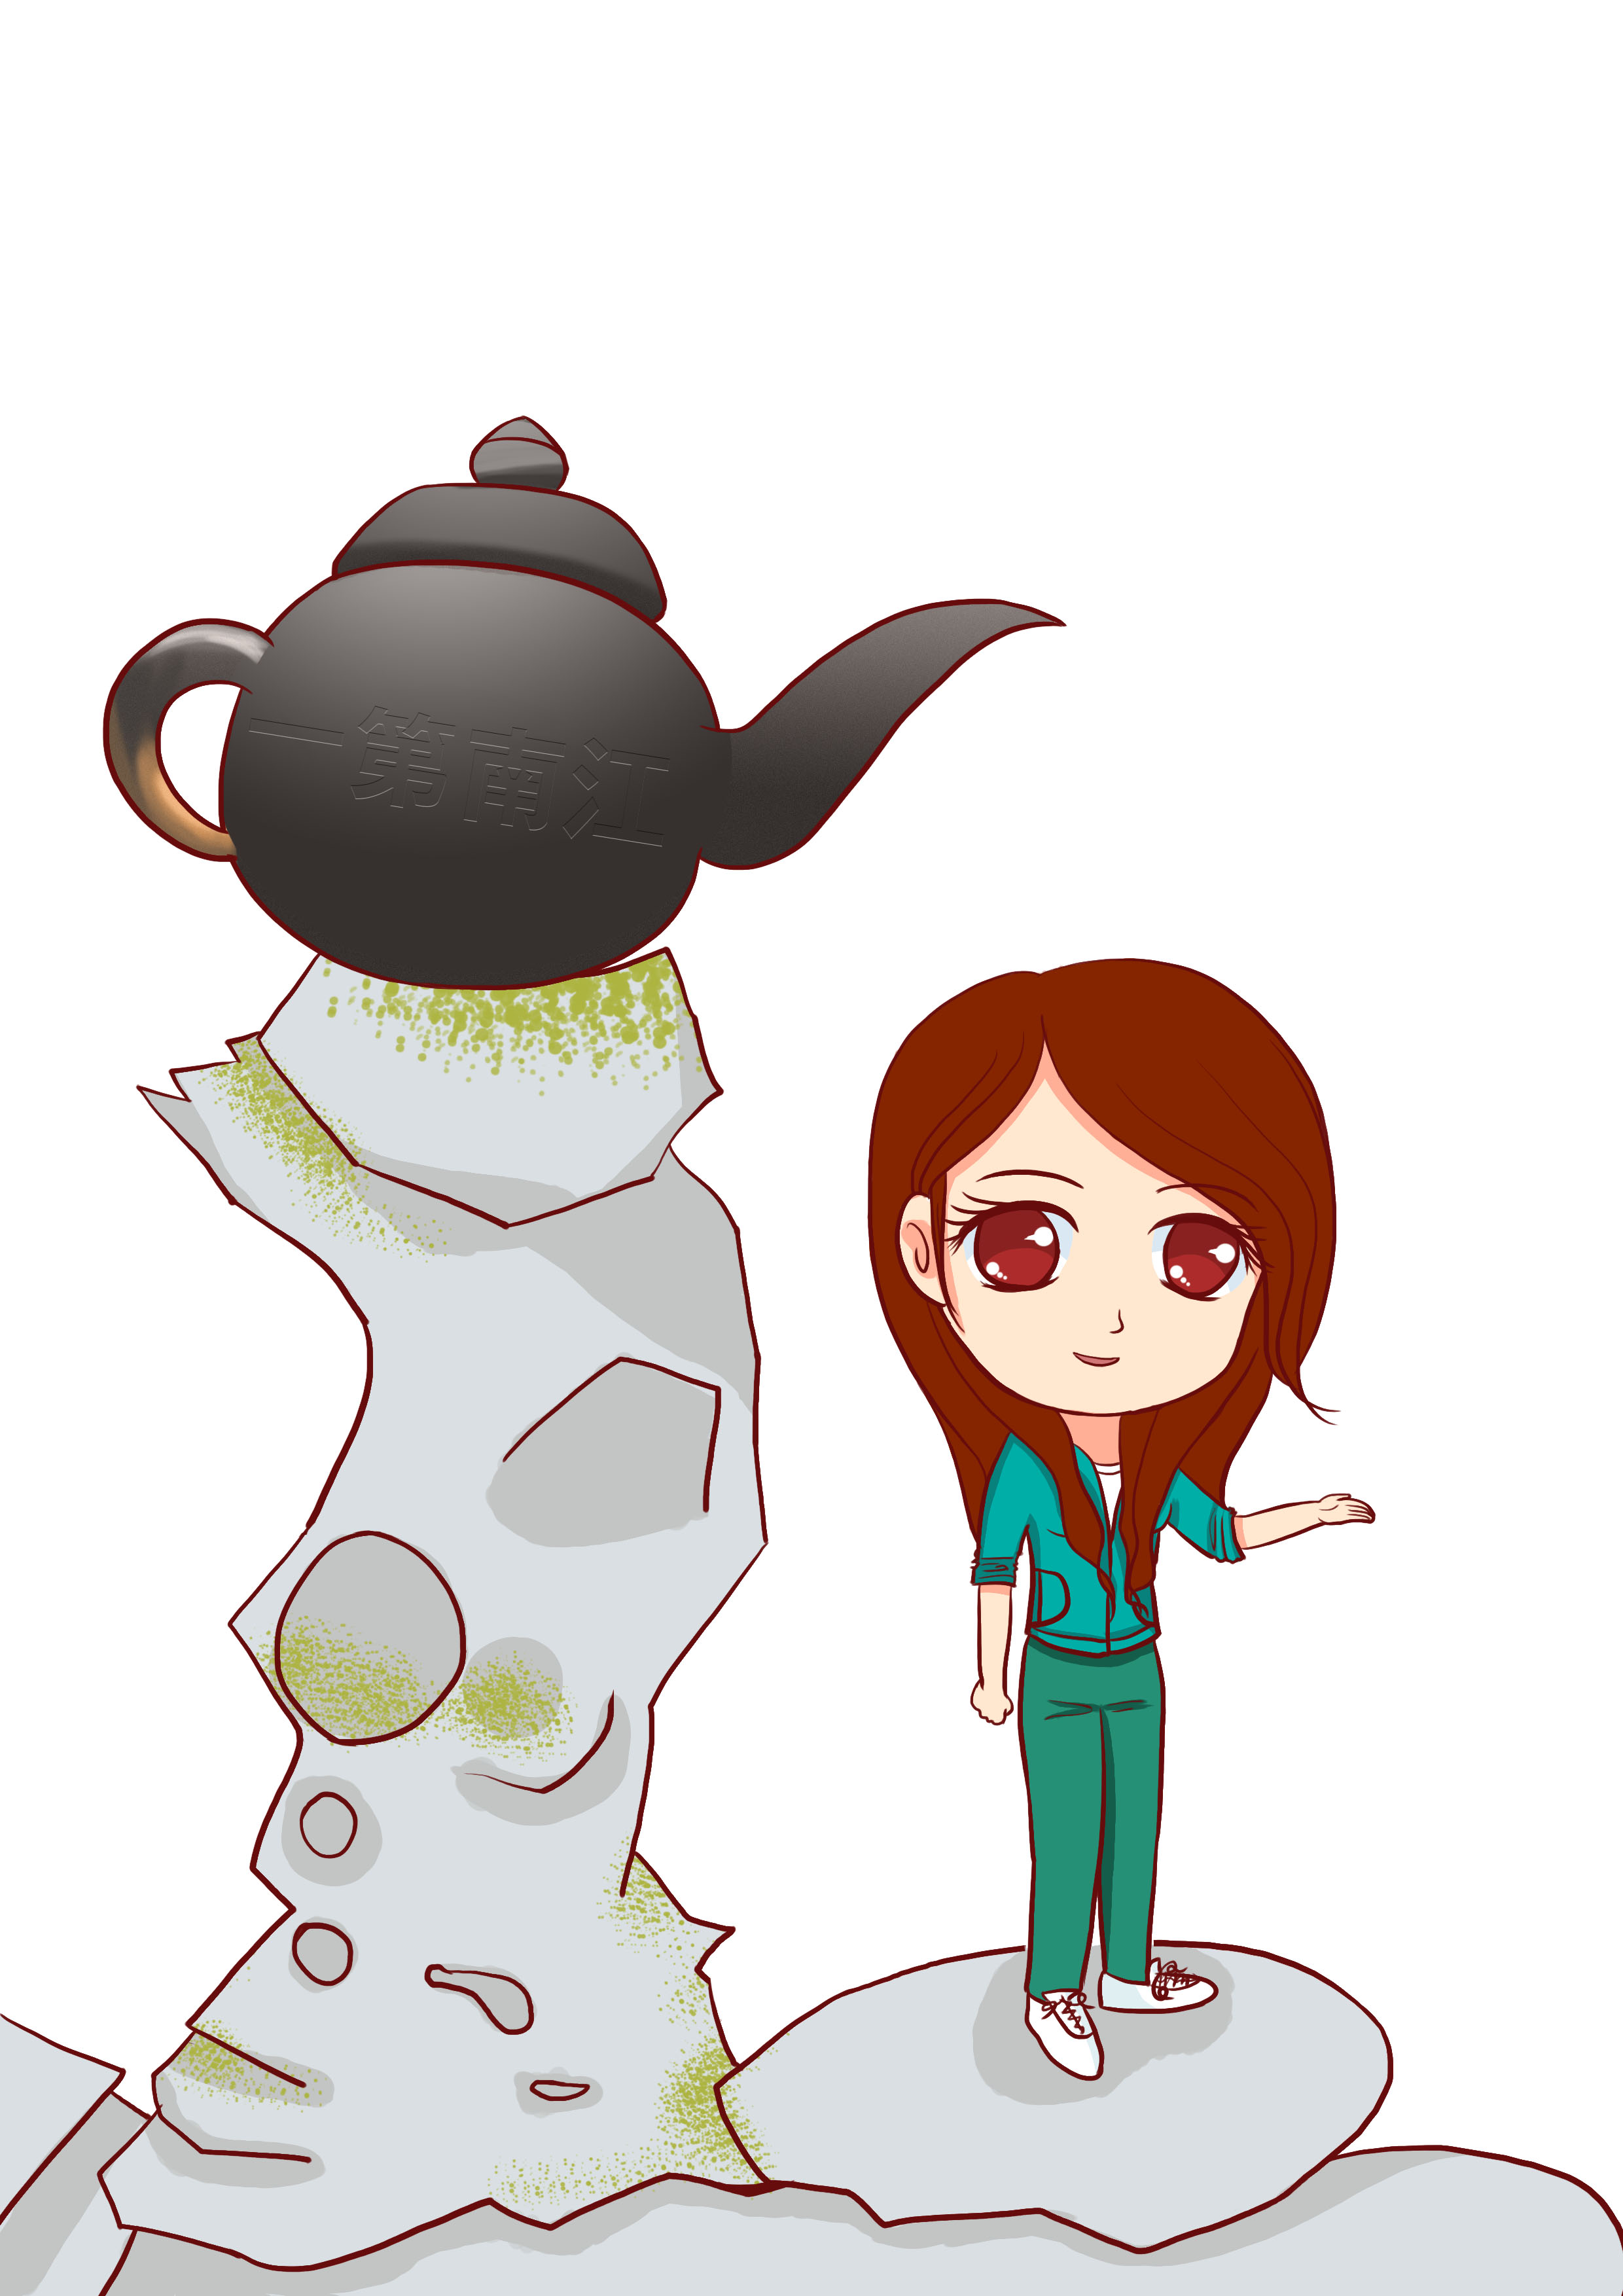 q版形象人物|动漫|单幅漫画|whhuan0513 - 原创作品